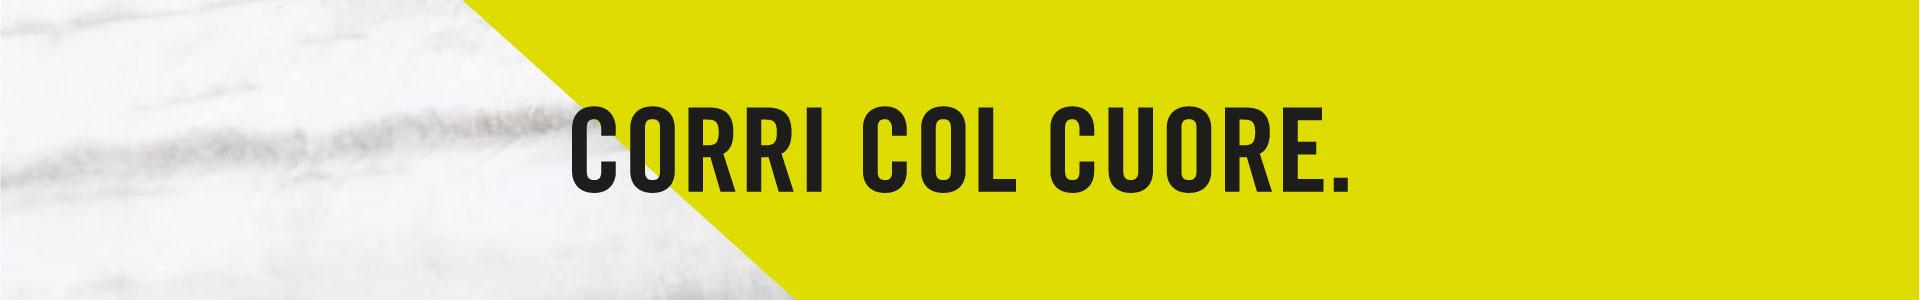 Nuova Corti, Pissei, Abbigliamento, Bici da corsa, ciclismo, mountain bike